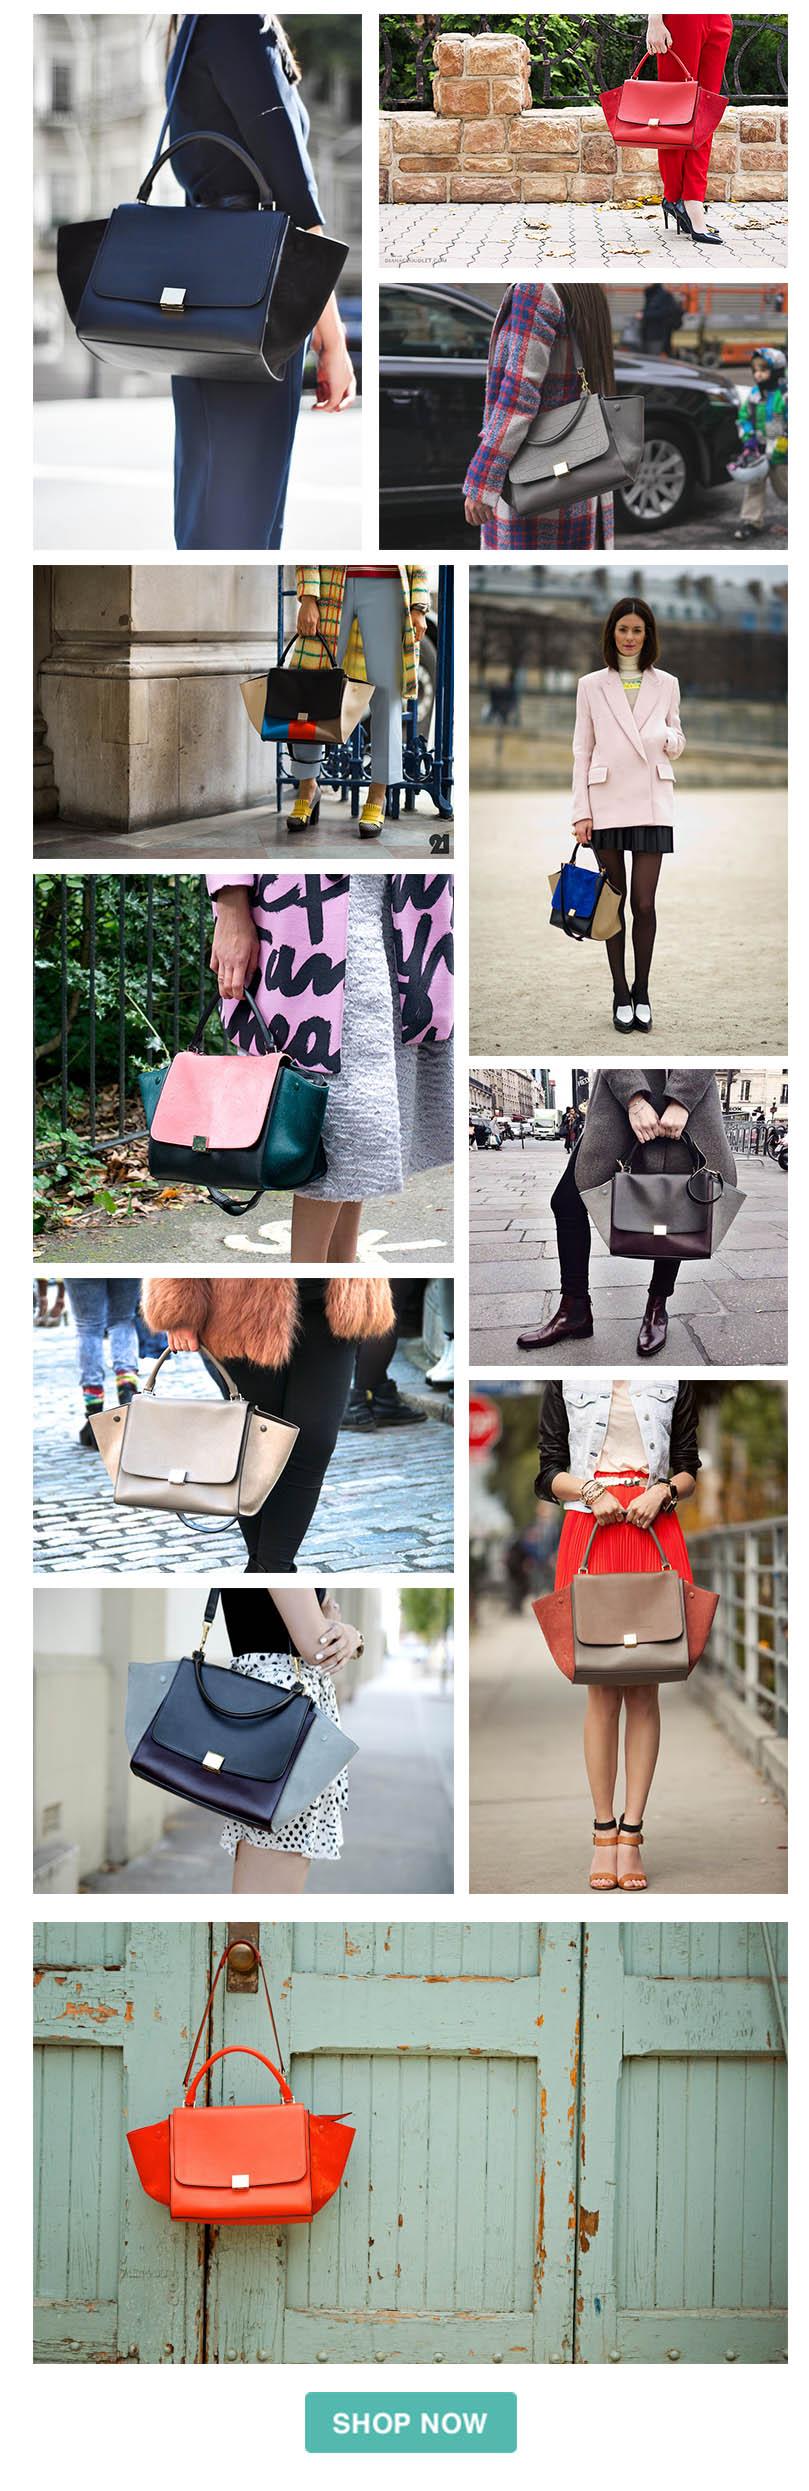 a9734d8fd7d5 (via Spotted Fashion). Celine trapeze bag guide